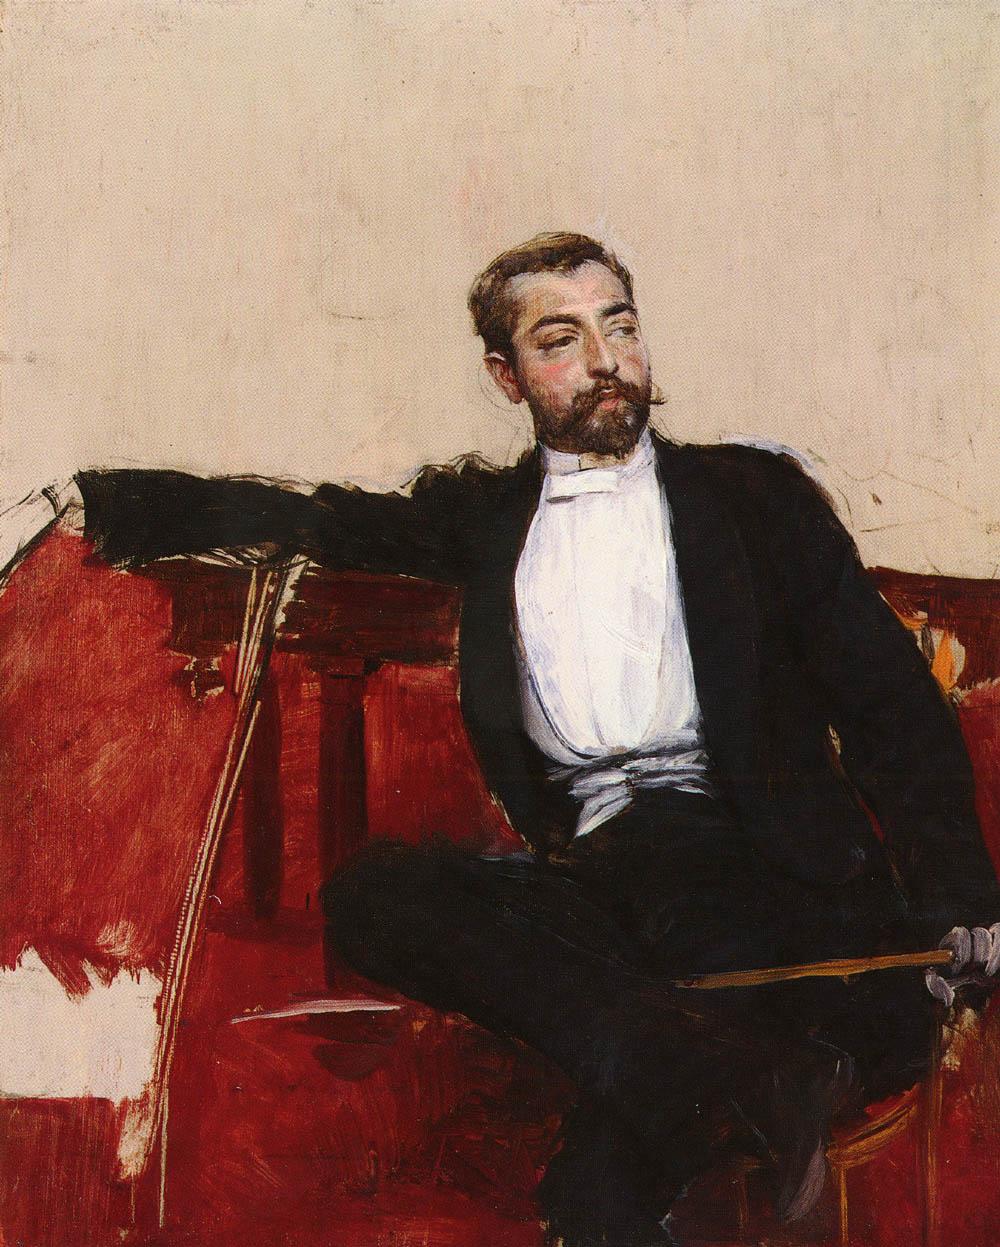 Giovanni Boldini. Retrato de John Singer Sargent. Hacia 1890.